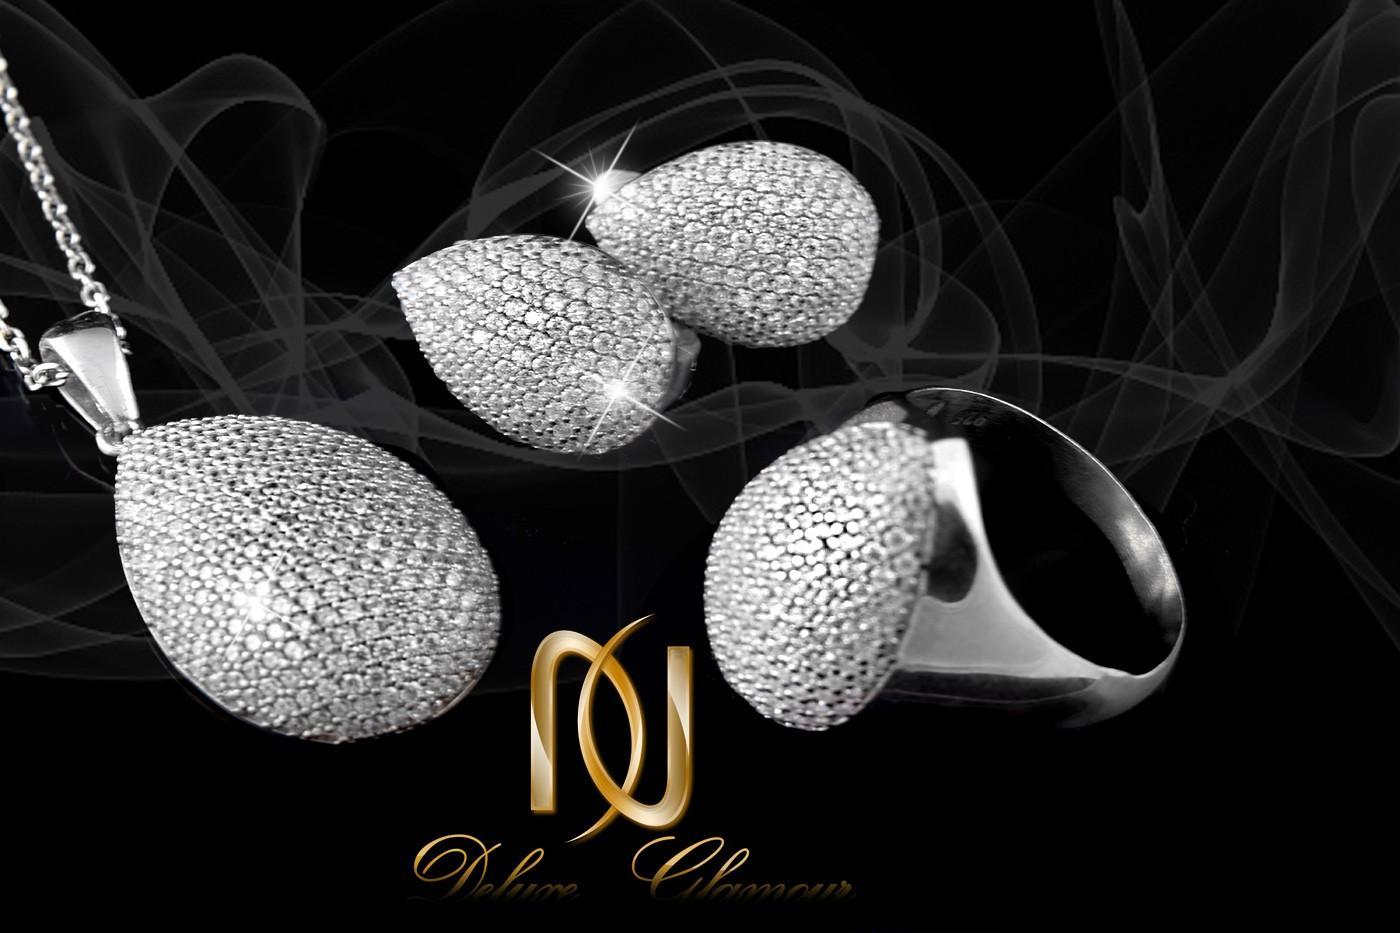 خرید سرویس نقره جواهری نگیندار طرح اشک Se-n137 - زمینه مشکی